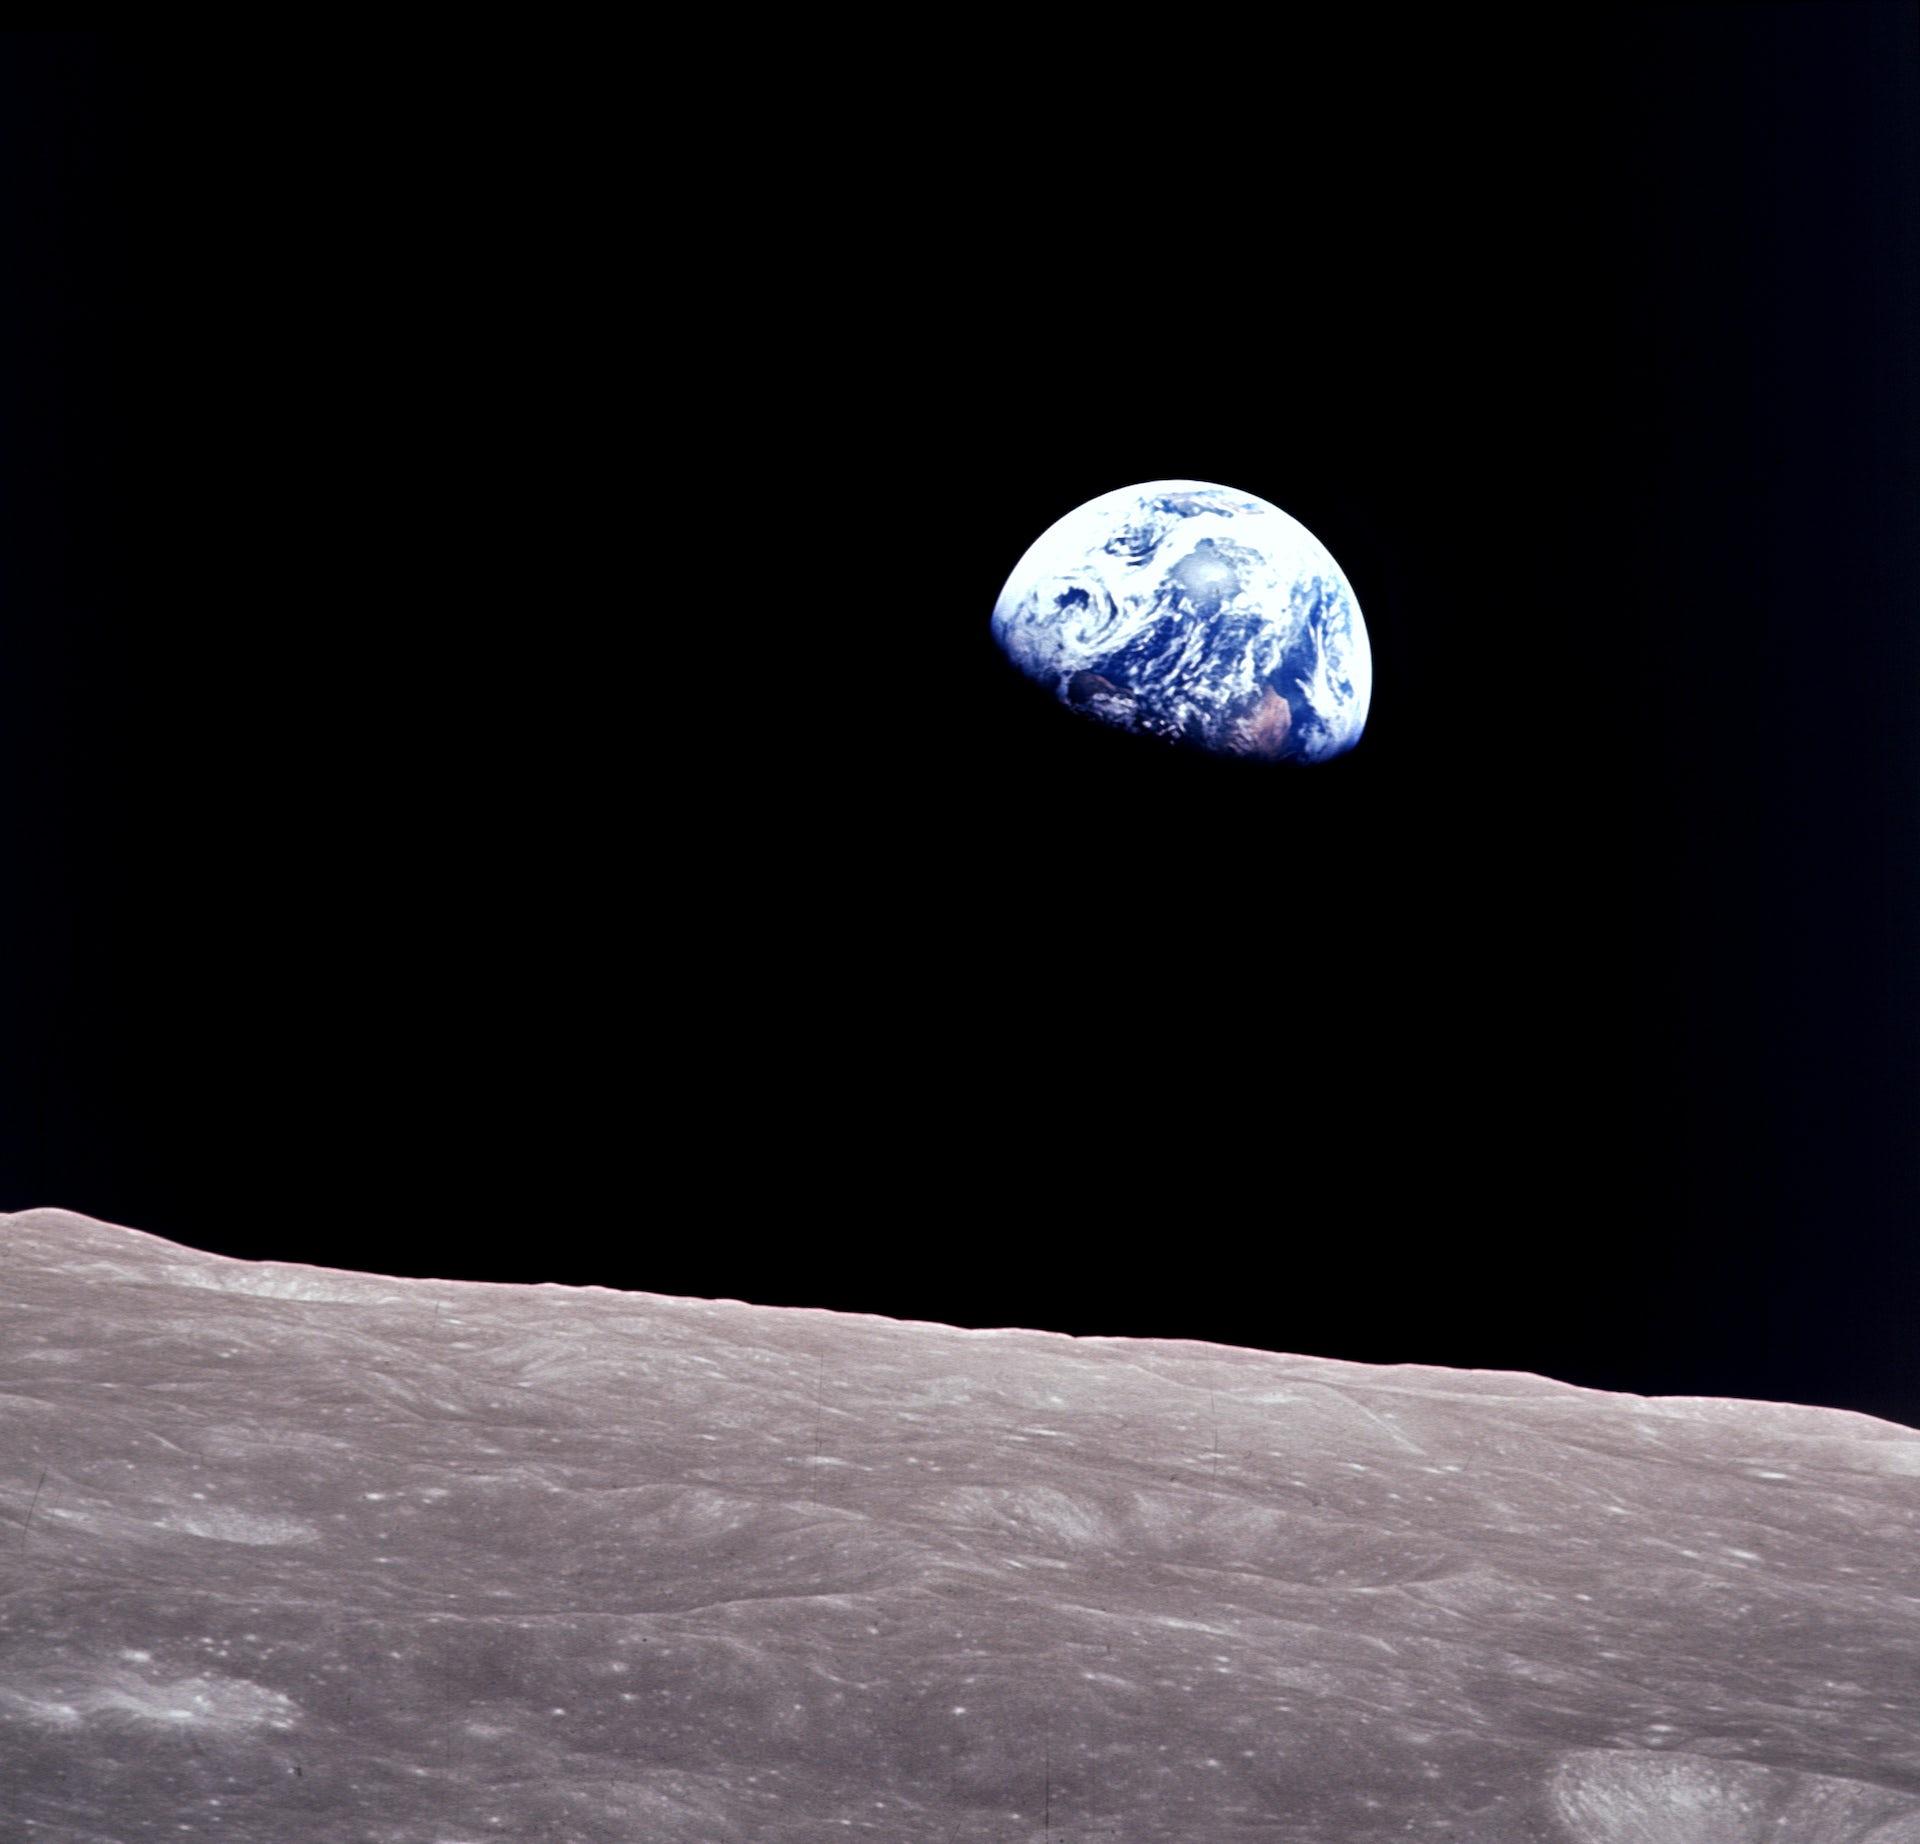 Resultado de imagen de Salida de la Tierra: los astronautas del Apolo 8 capturaron esta espectacular foto de la Tierra elevándose por encima del horizonte lunar mientras emergían desde detrás del lado oscuro de la Luna. NASA